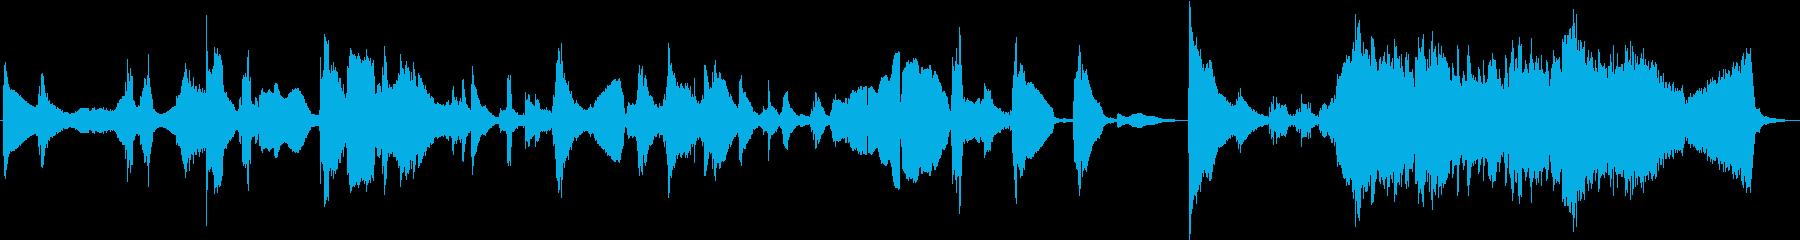 和風のホラーBGMの再生済みの波形